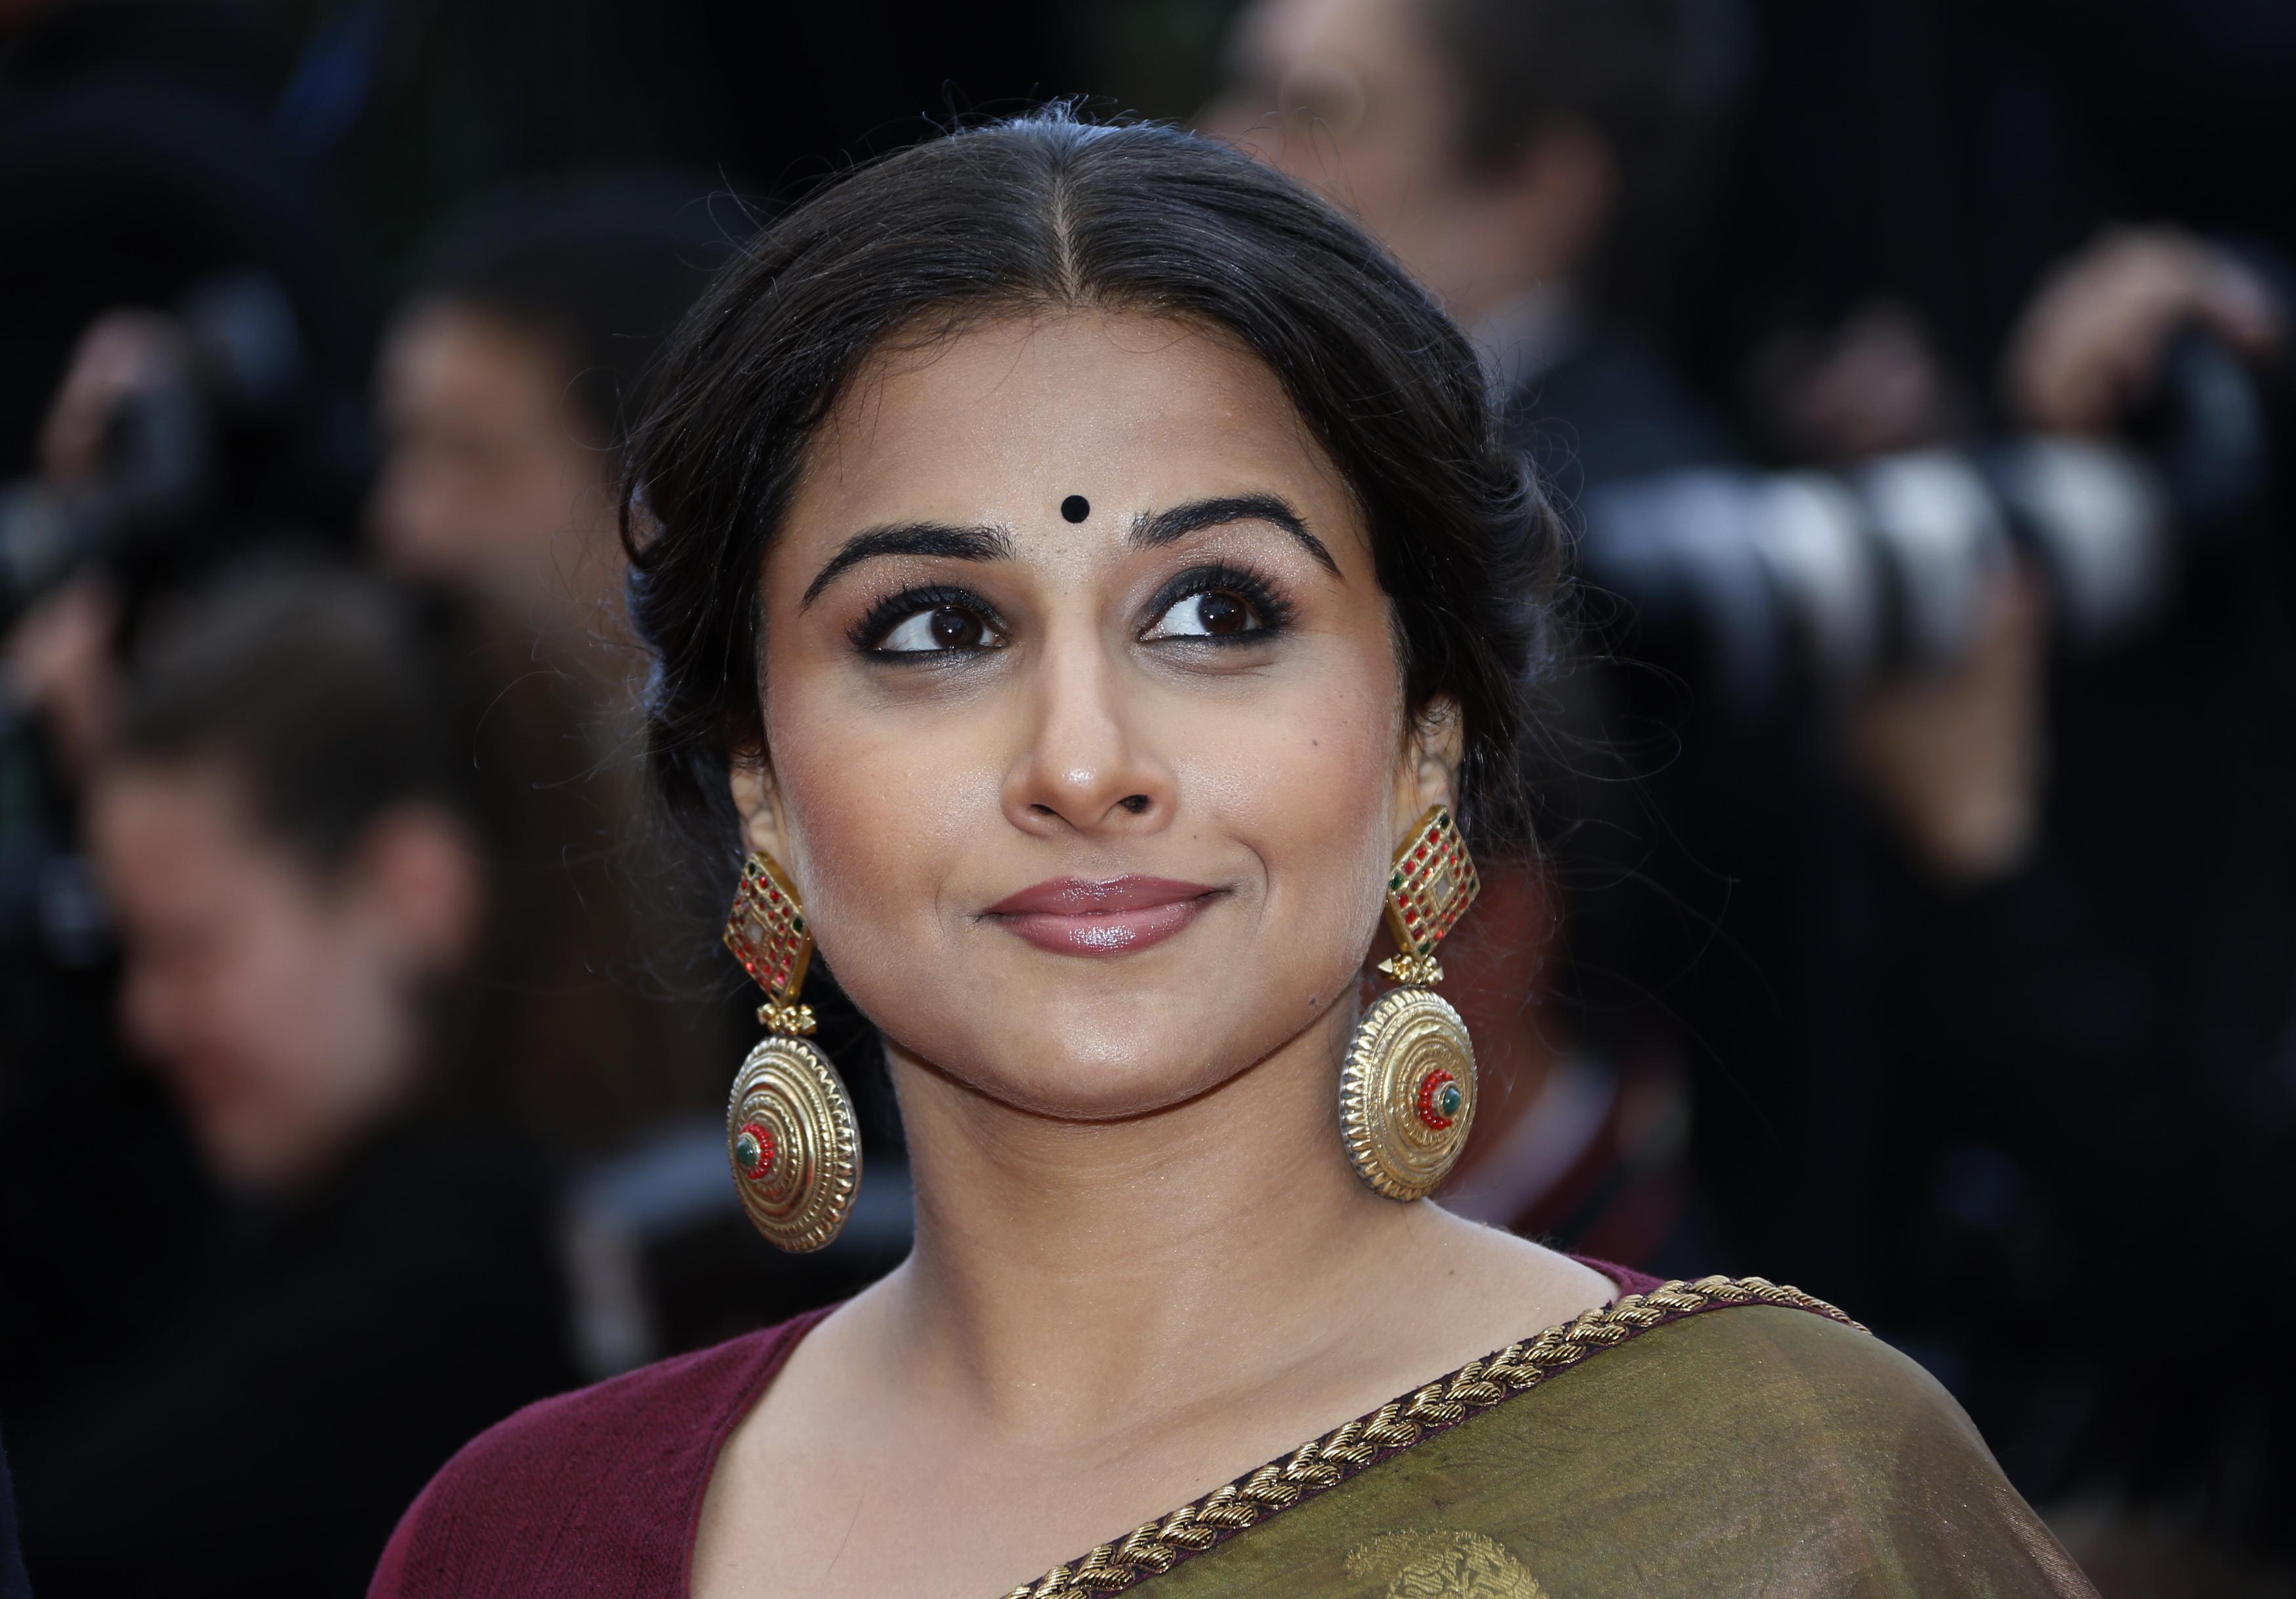 Vidya Balan challenges sexism in bureaucracy